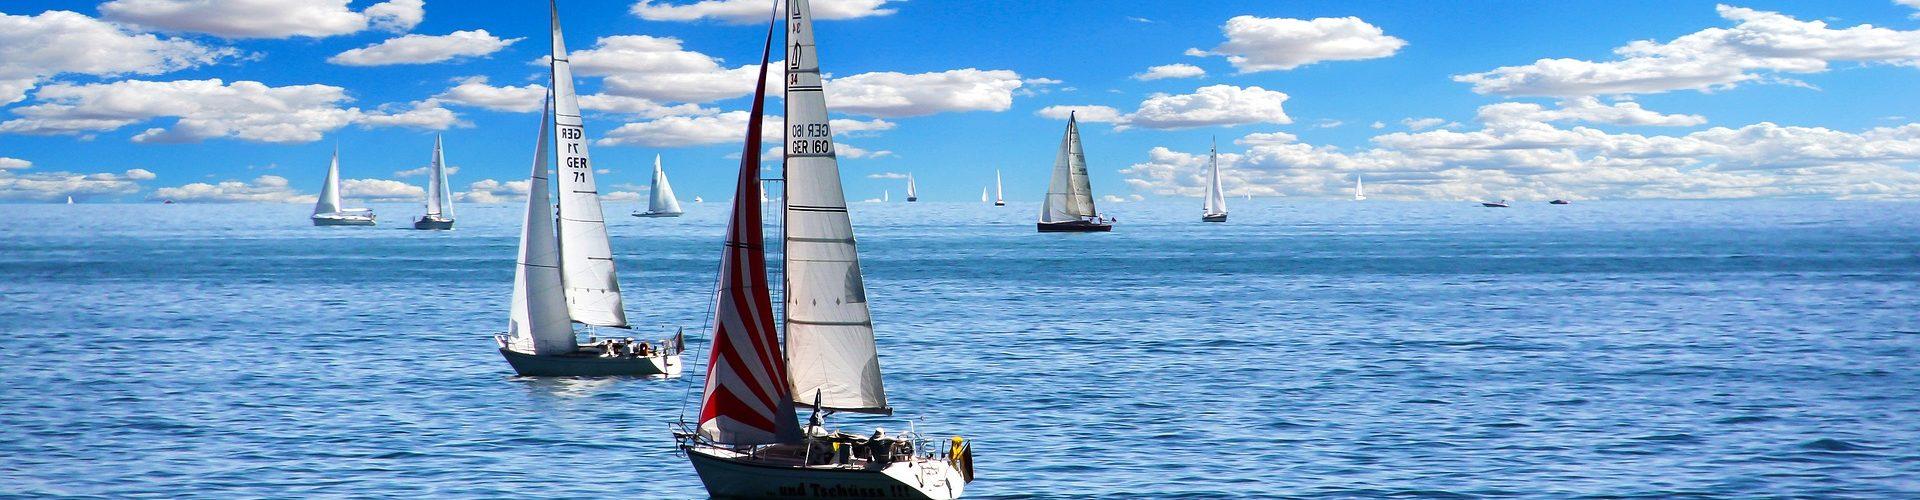 segeln lernen in Pegnitz segelschein machen in Pegnitz 1920x500 - Segeln lernen in Pegnitz